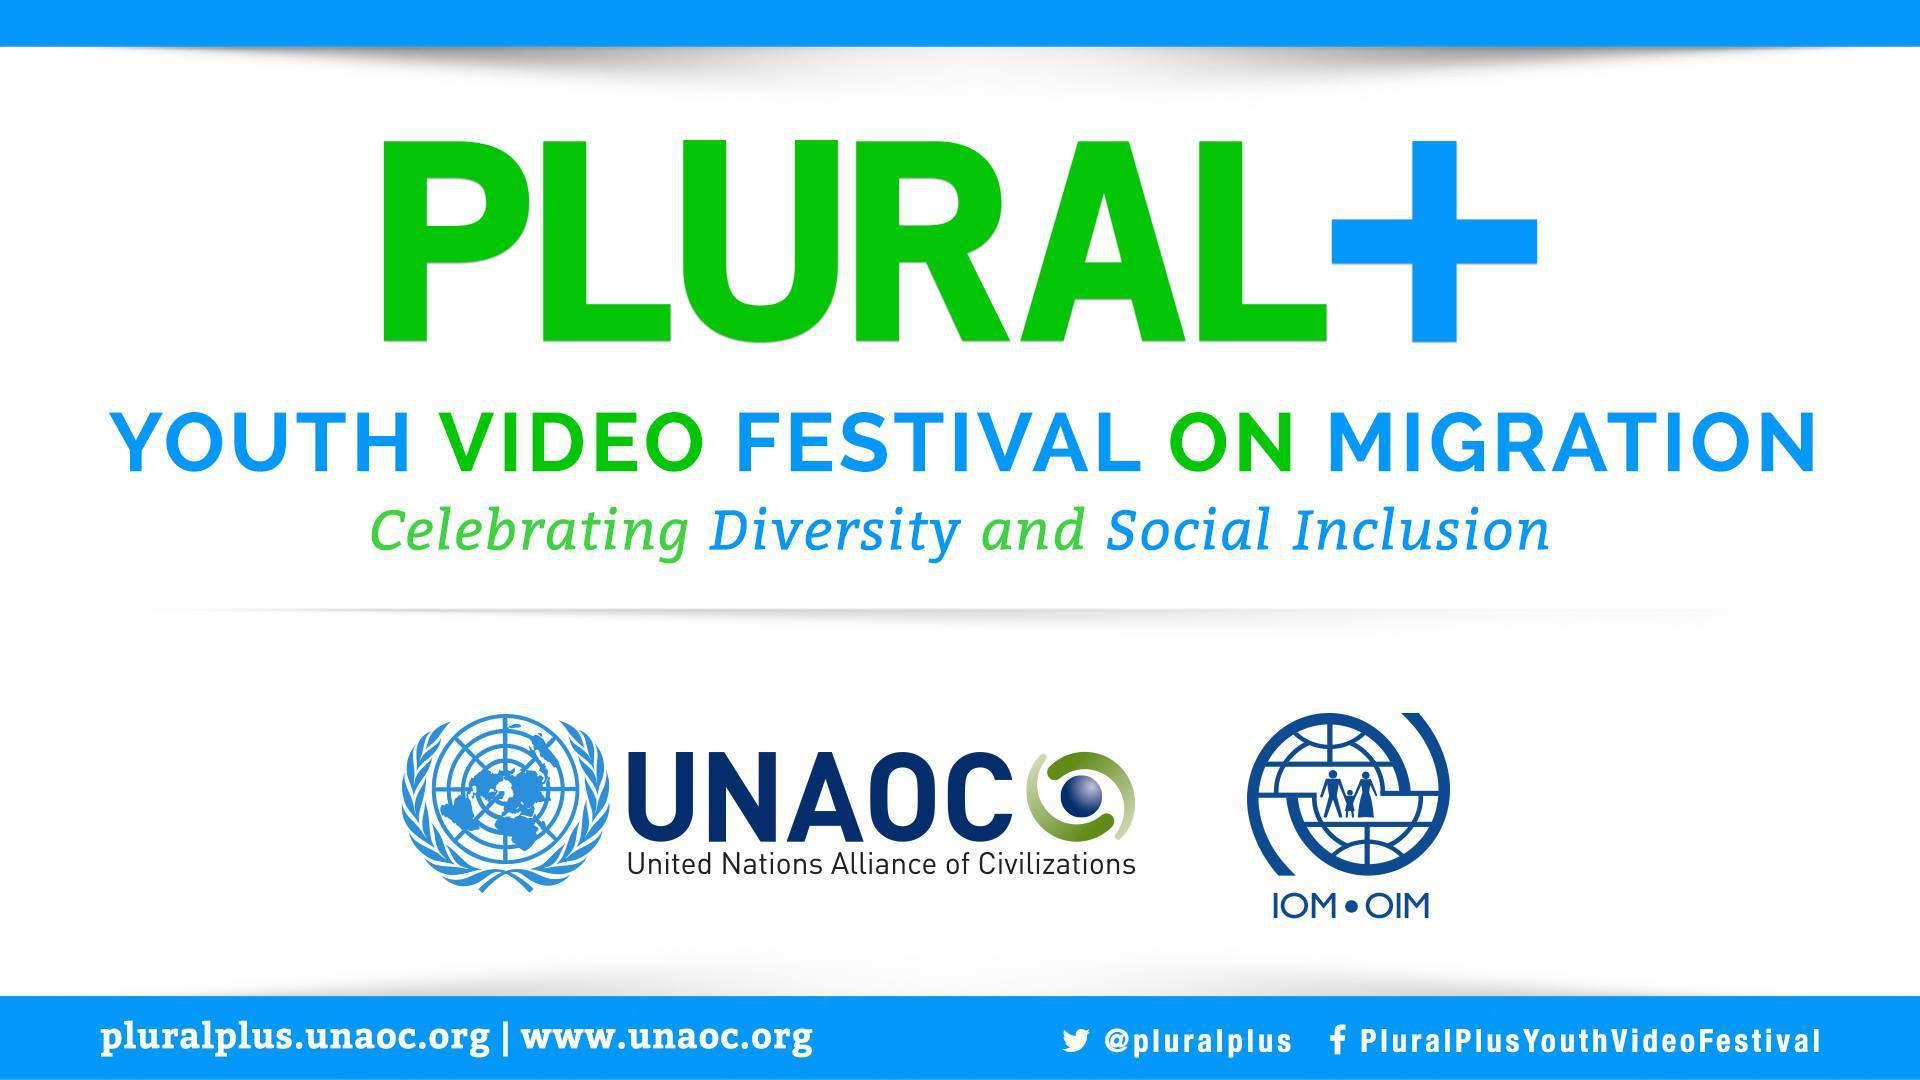 Apply for PLURAL+ Youth Video Festival – Deadline 16 June